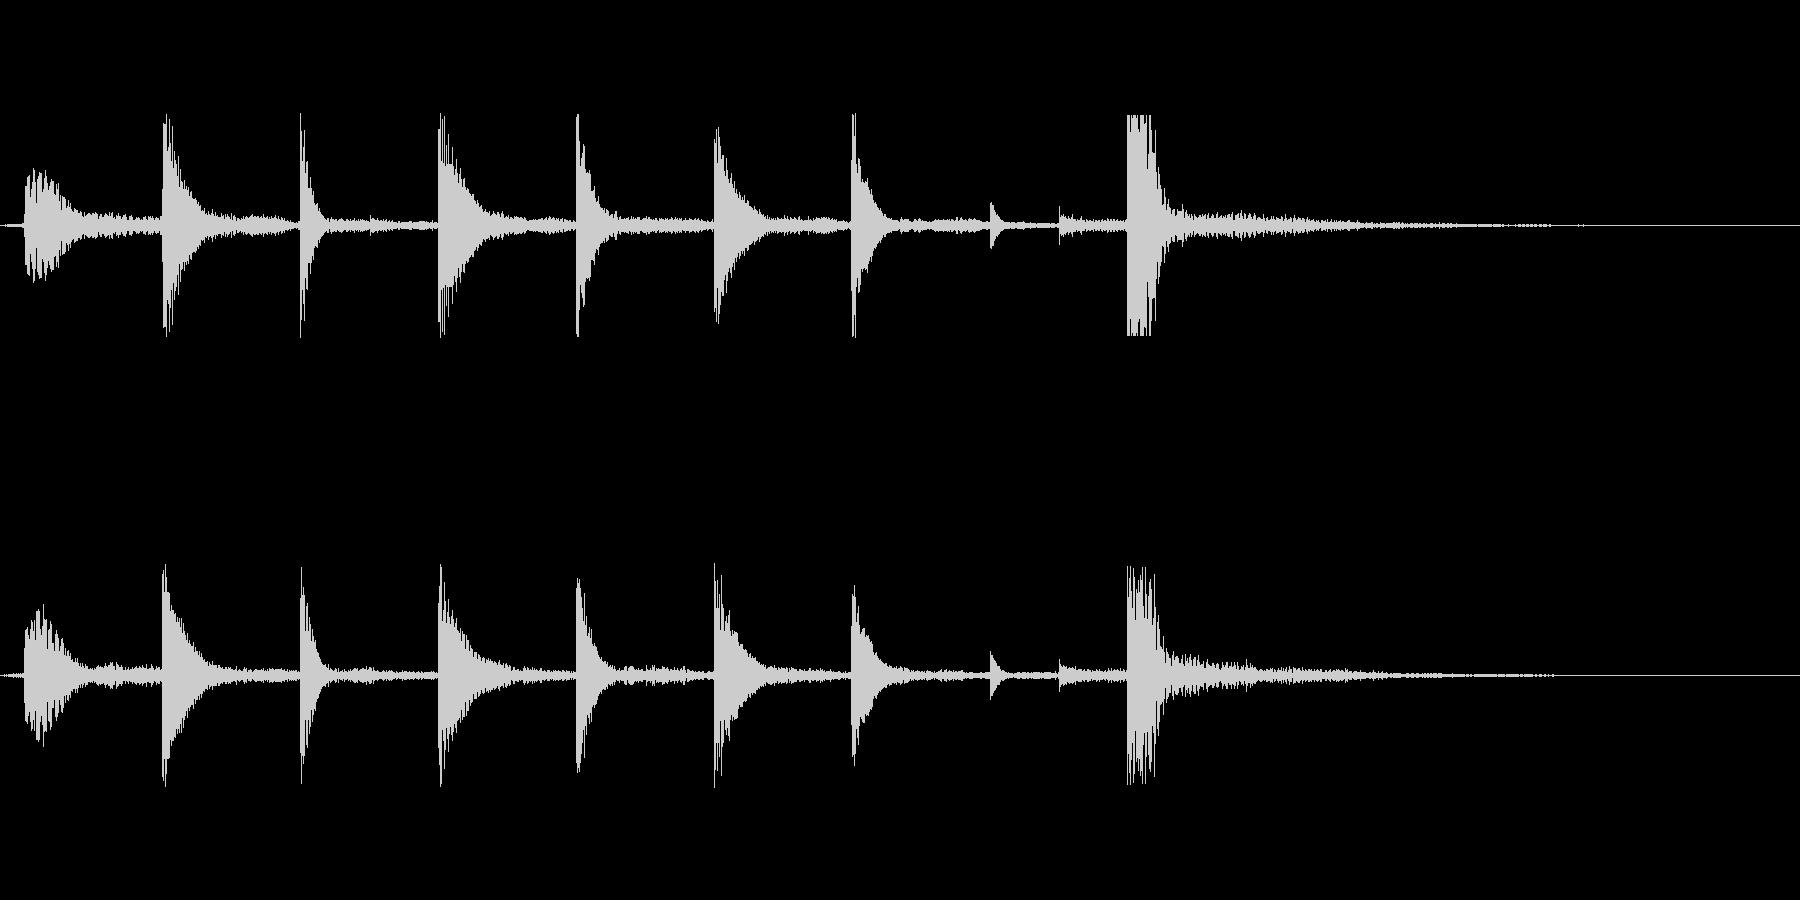 ゲームオーバー(少しのメロディーの音)の未再生の波形